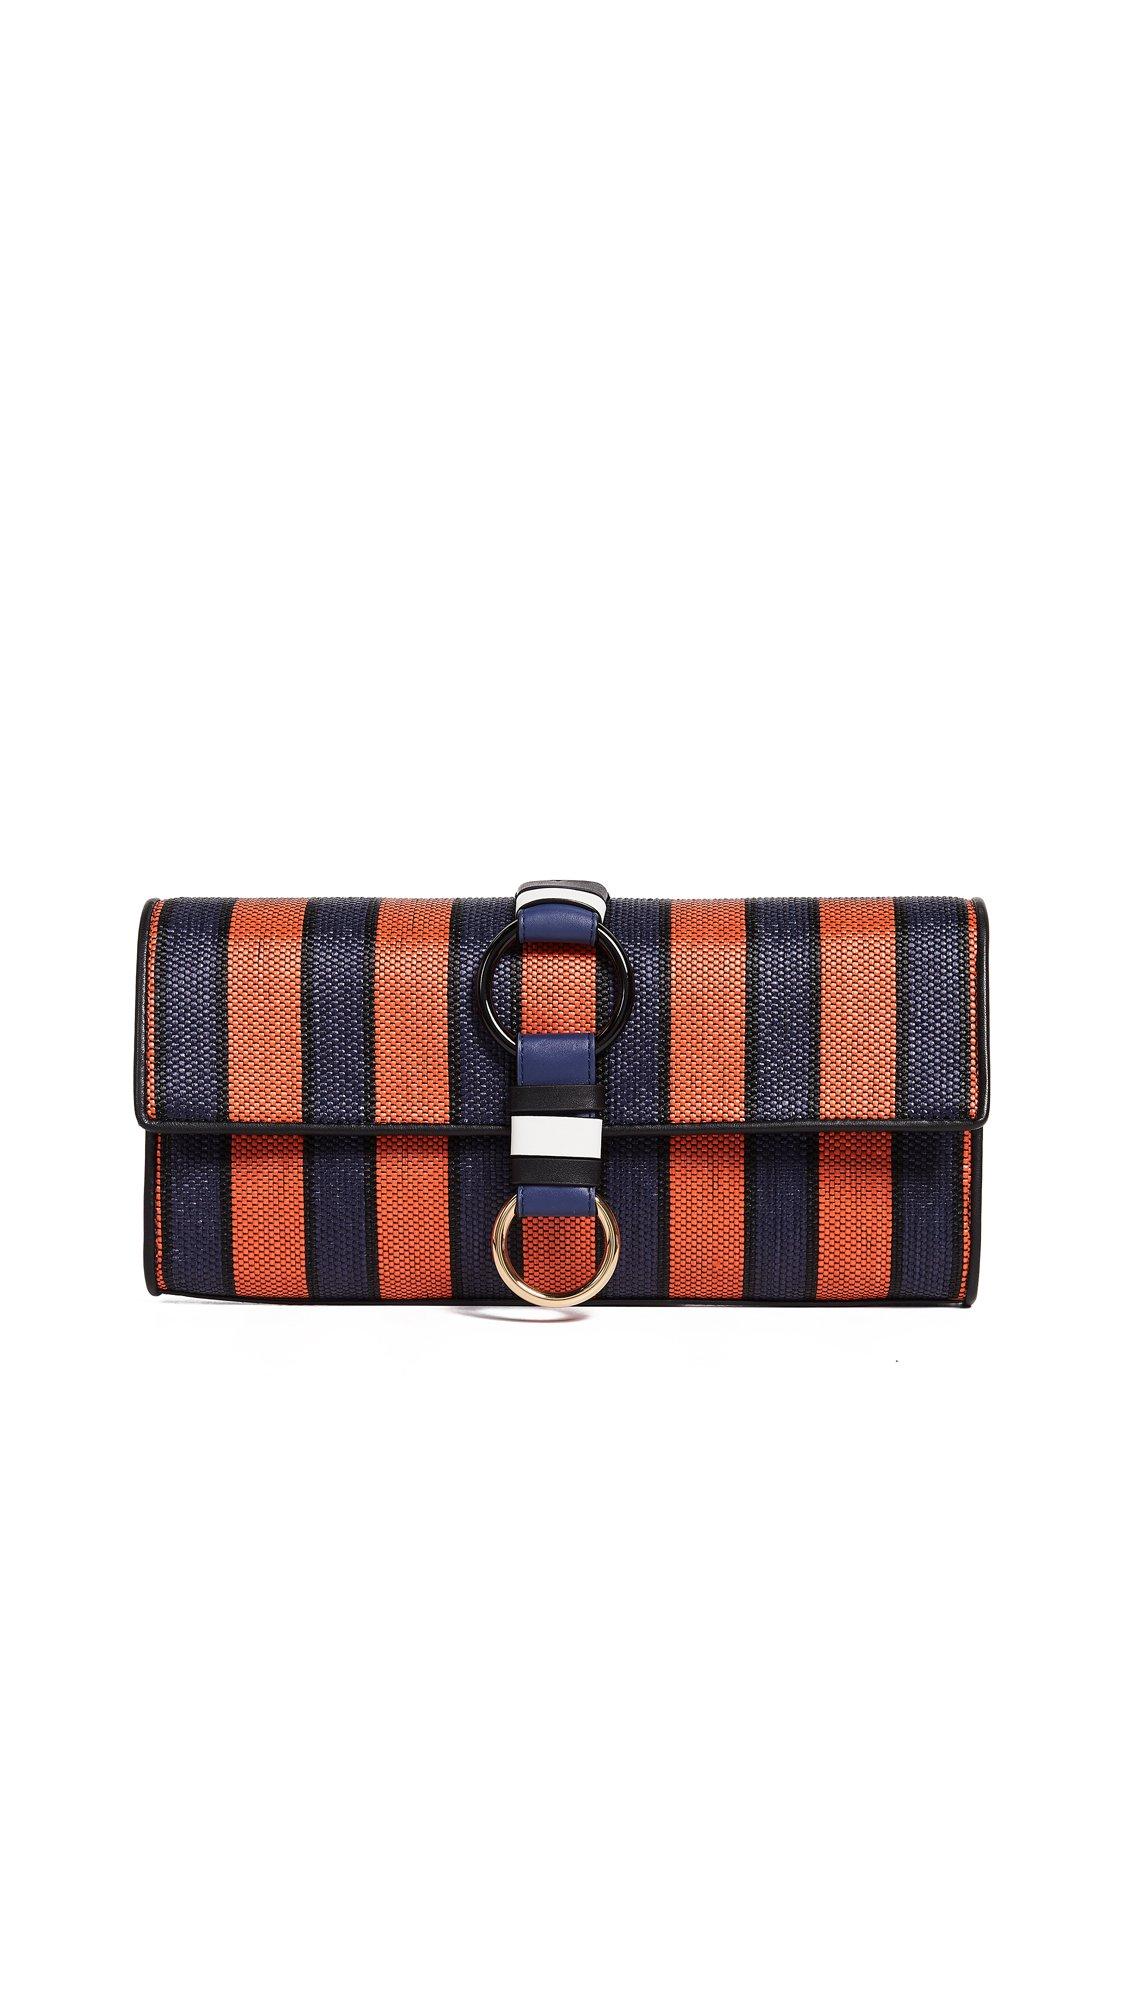 Diane von Furstenberg Women's Clutch, Midnight/Orange/Black, One Size